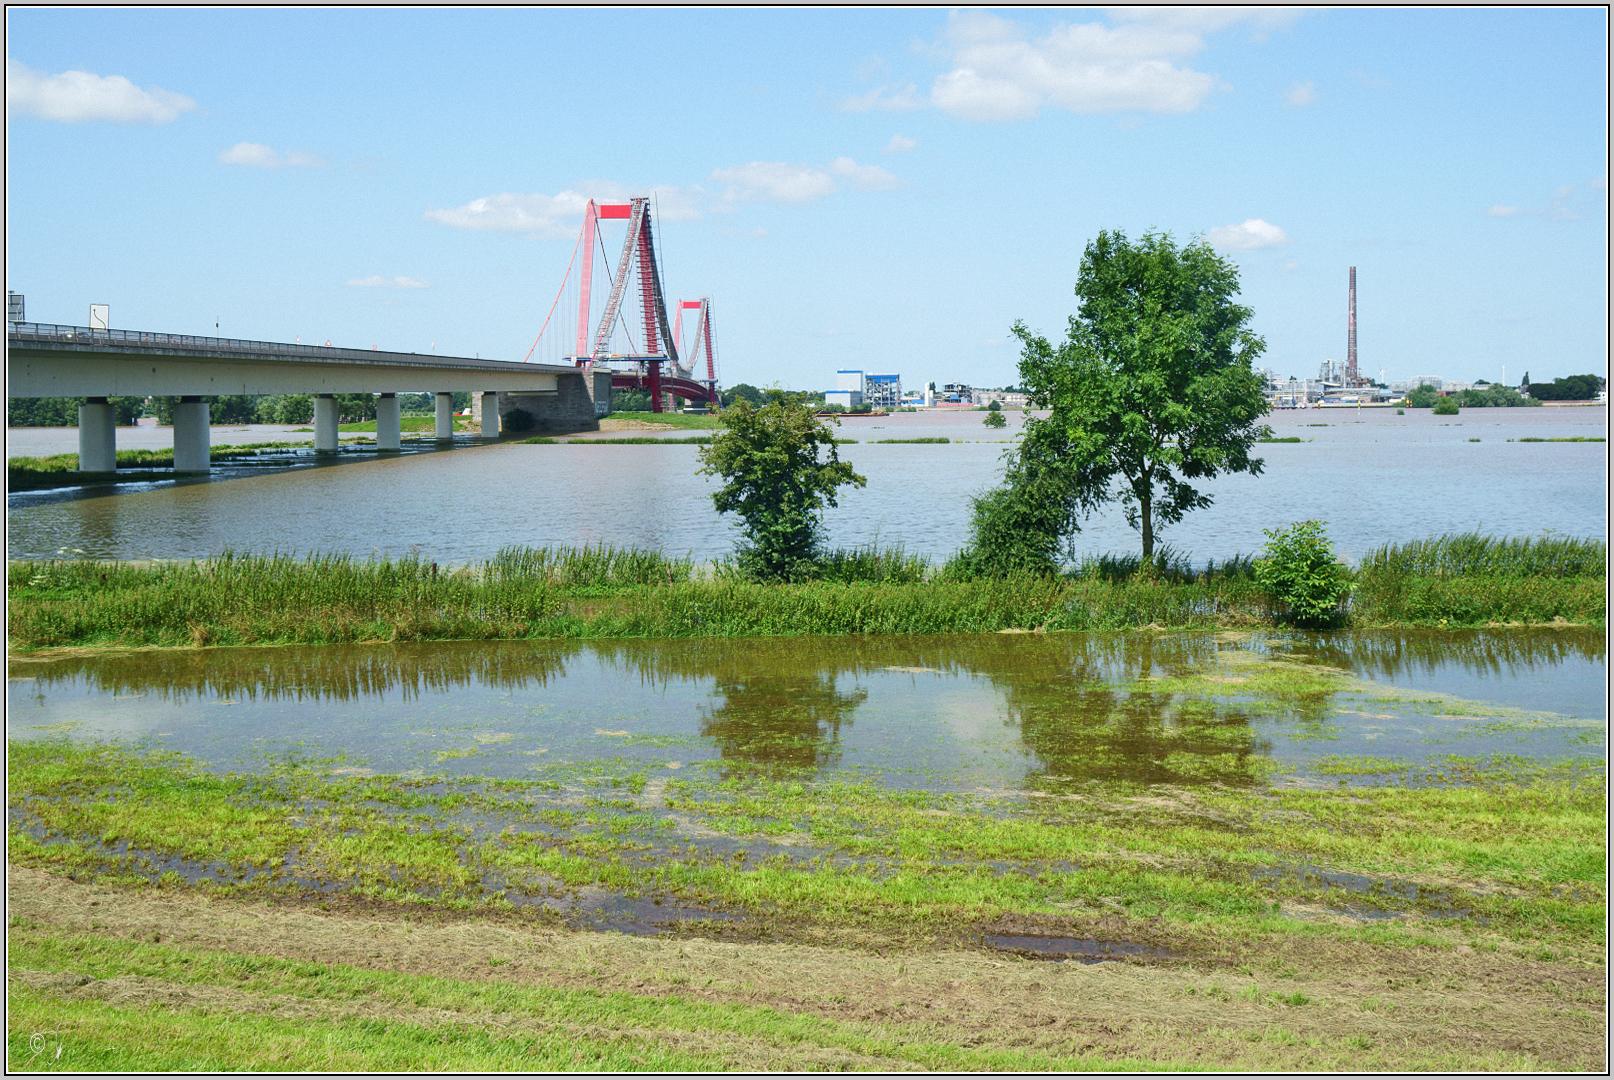 Hochwasser im Rhein bei Emmerich